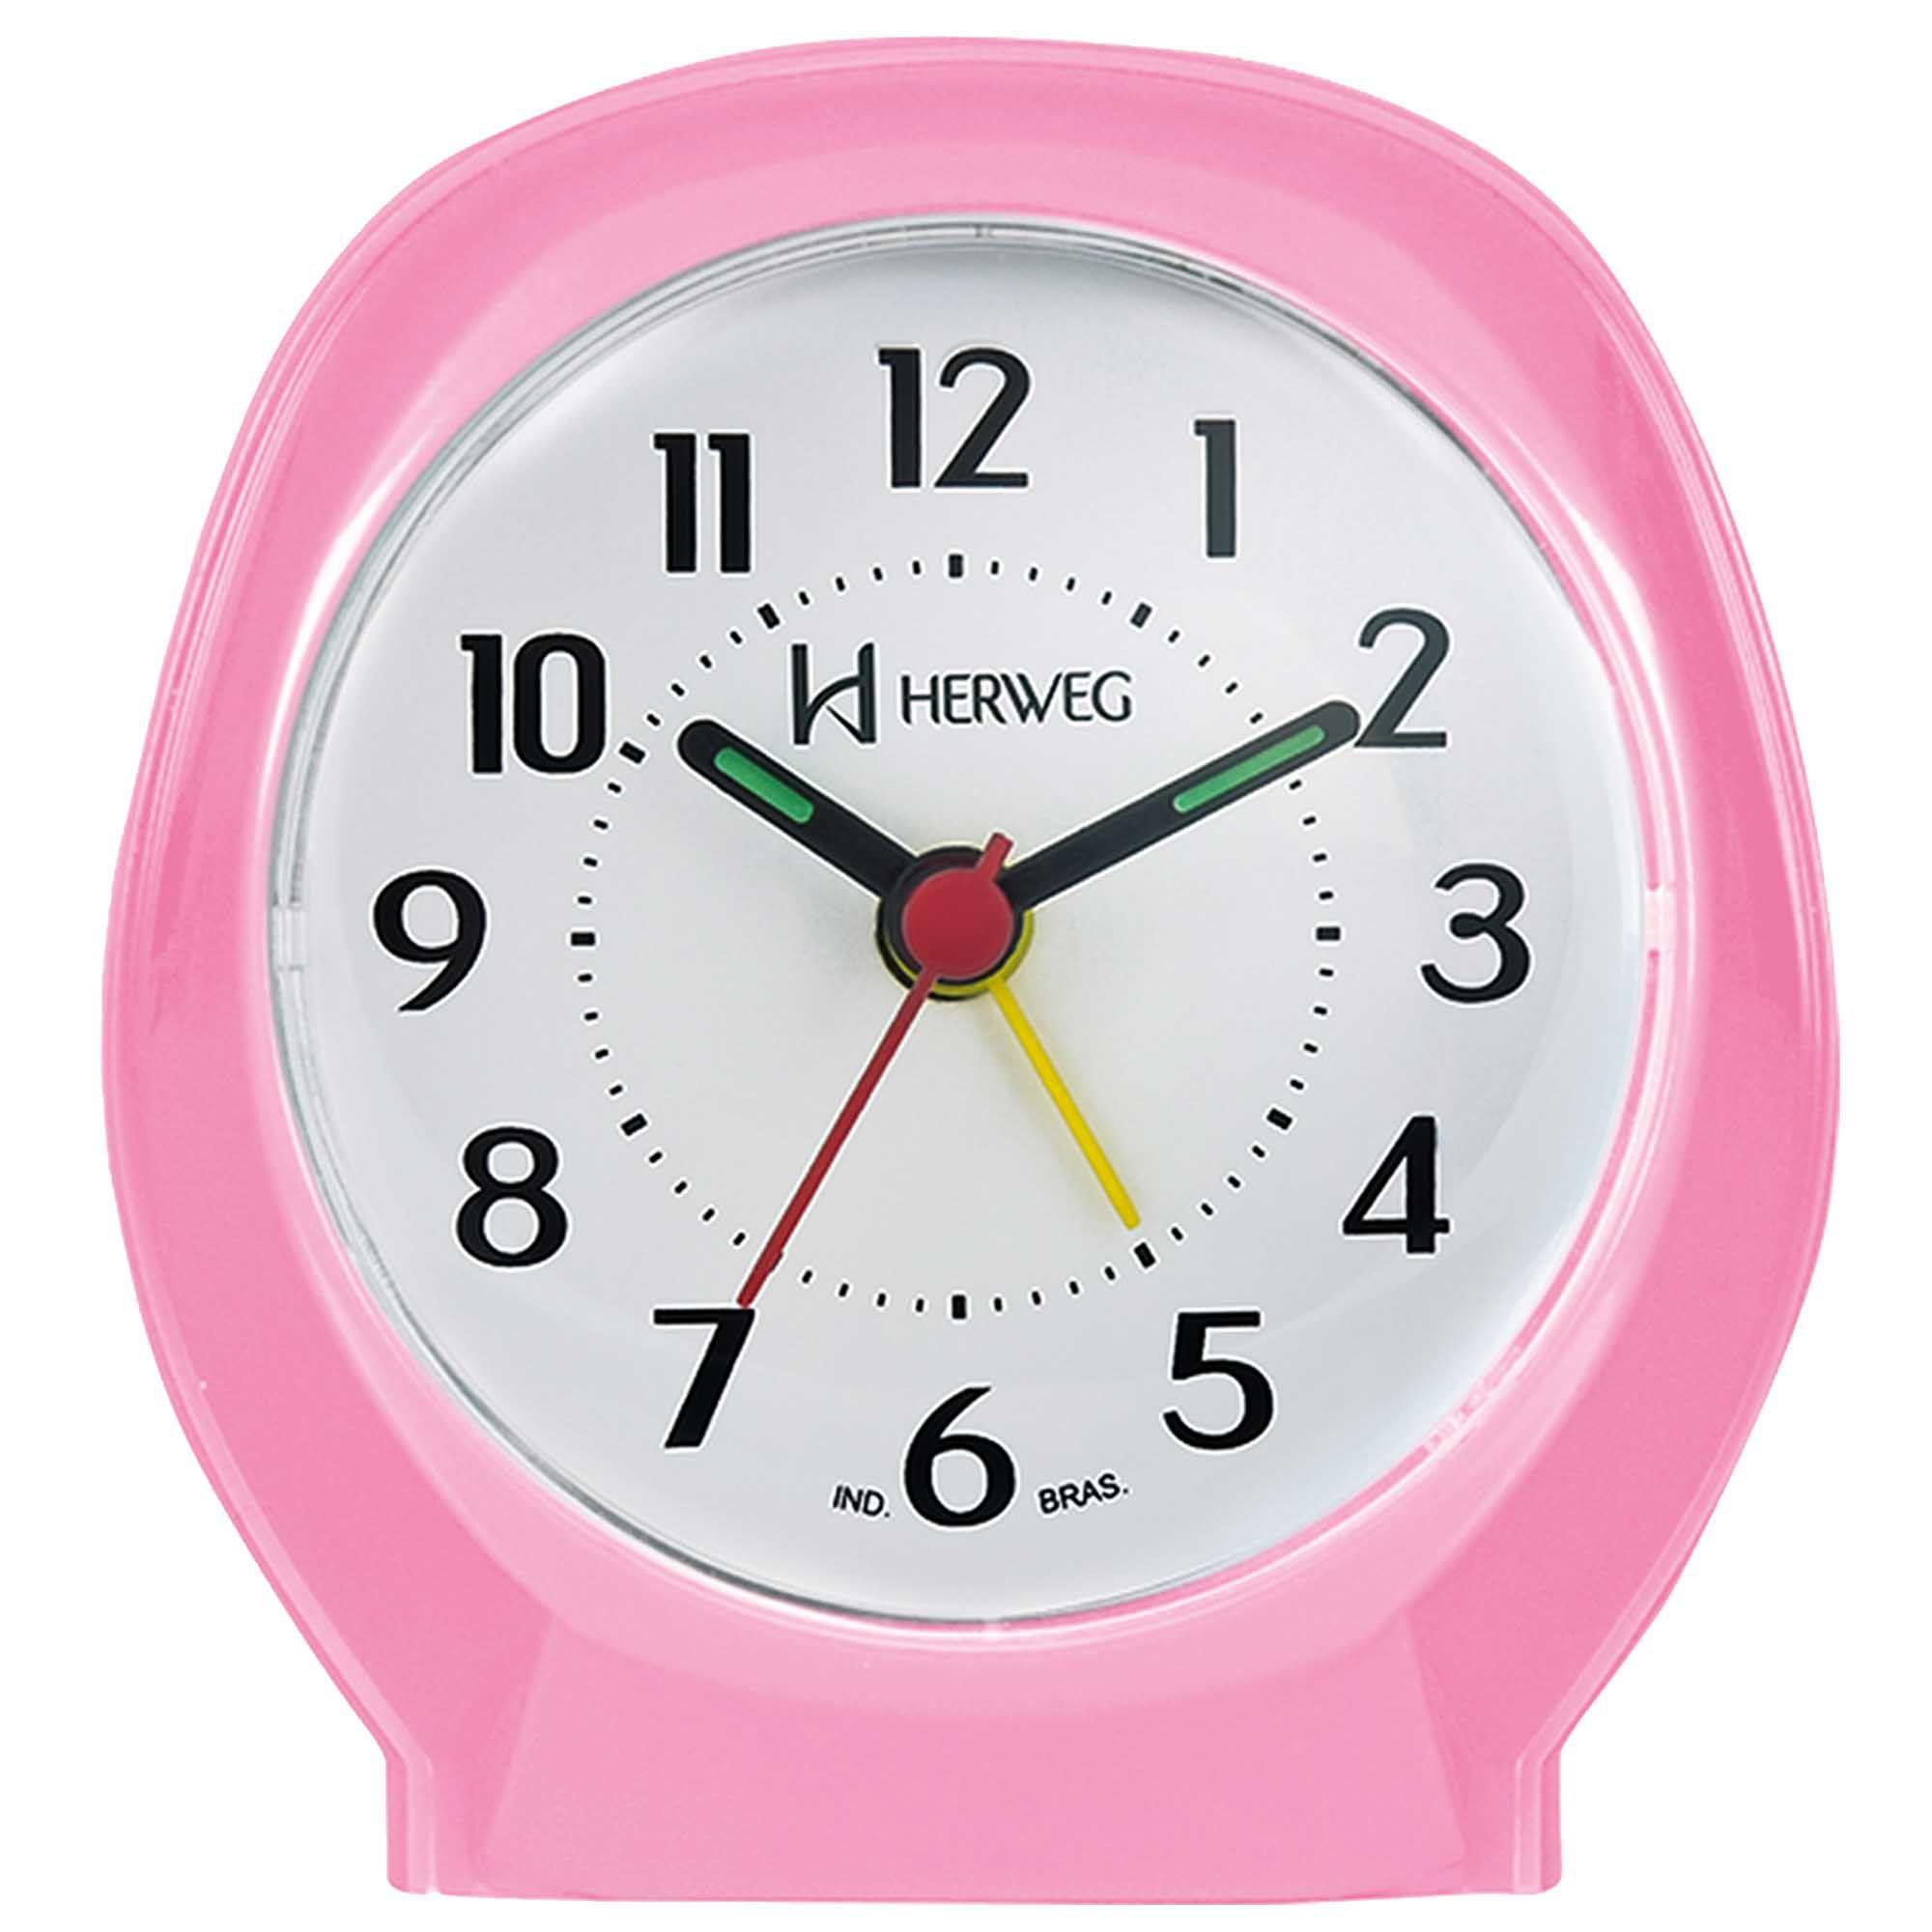 Despertador Analógico Quartzo Herweg 2634 036 Rosa Claro